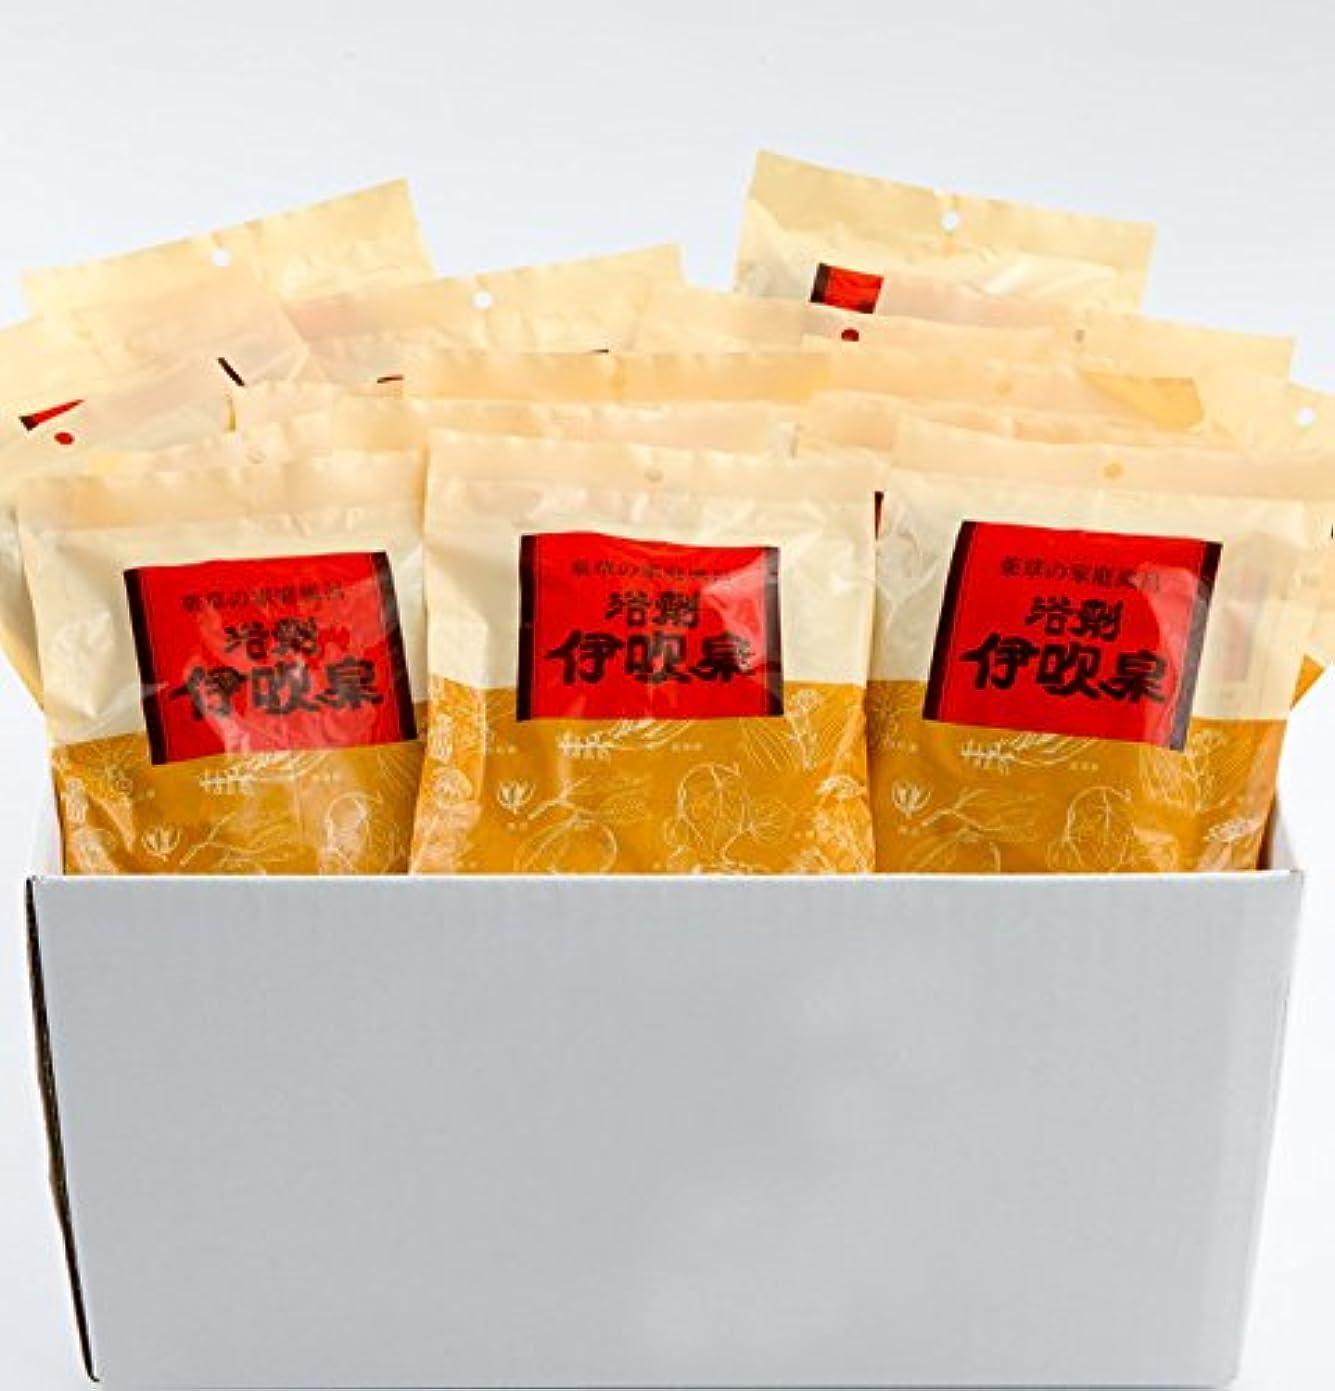 ウィスキー動員する熱狂的な浴剤 伊吹泉 ~薬草の家庭風呂~ 16袋(32包)セット